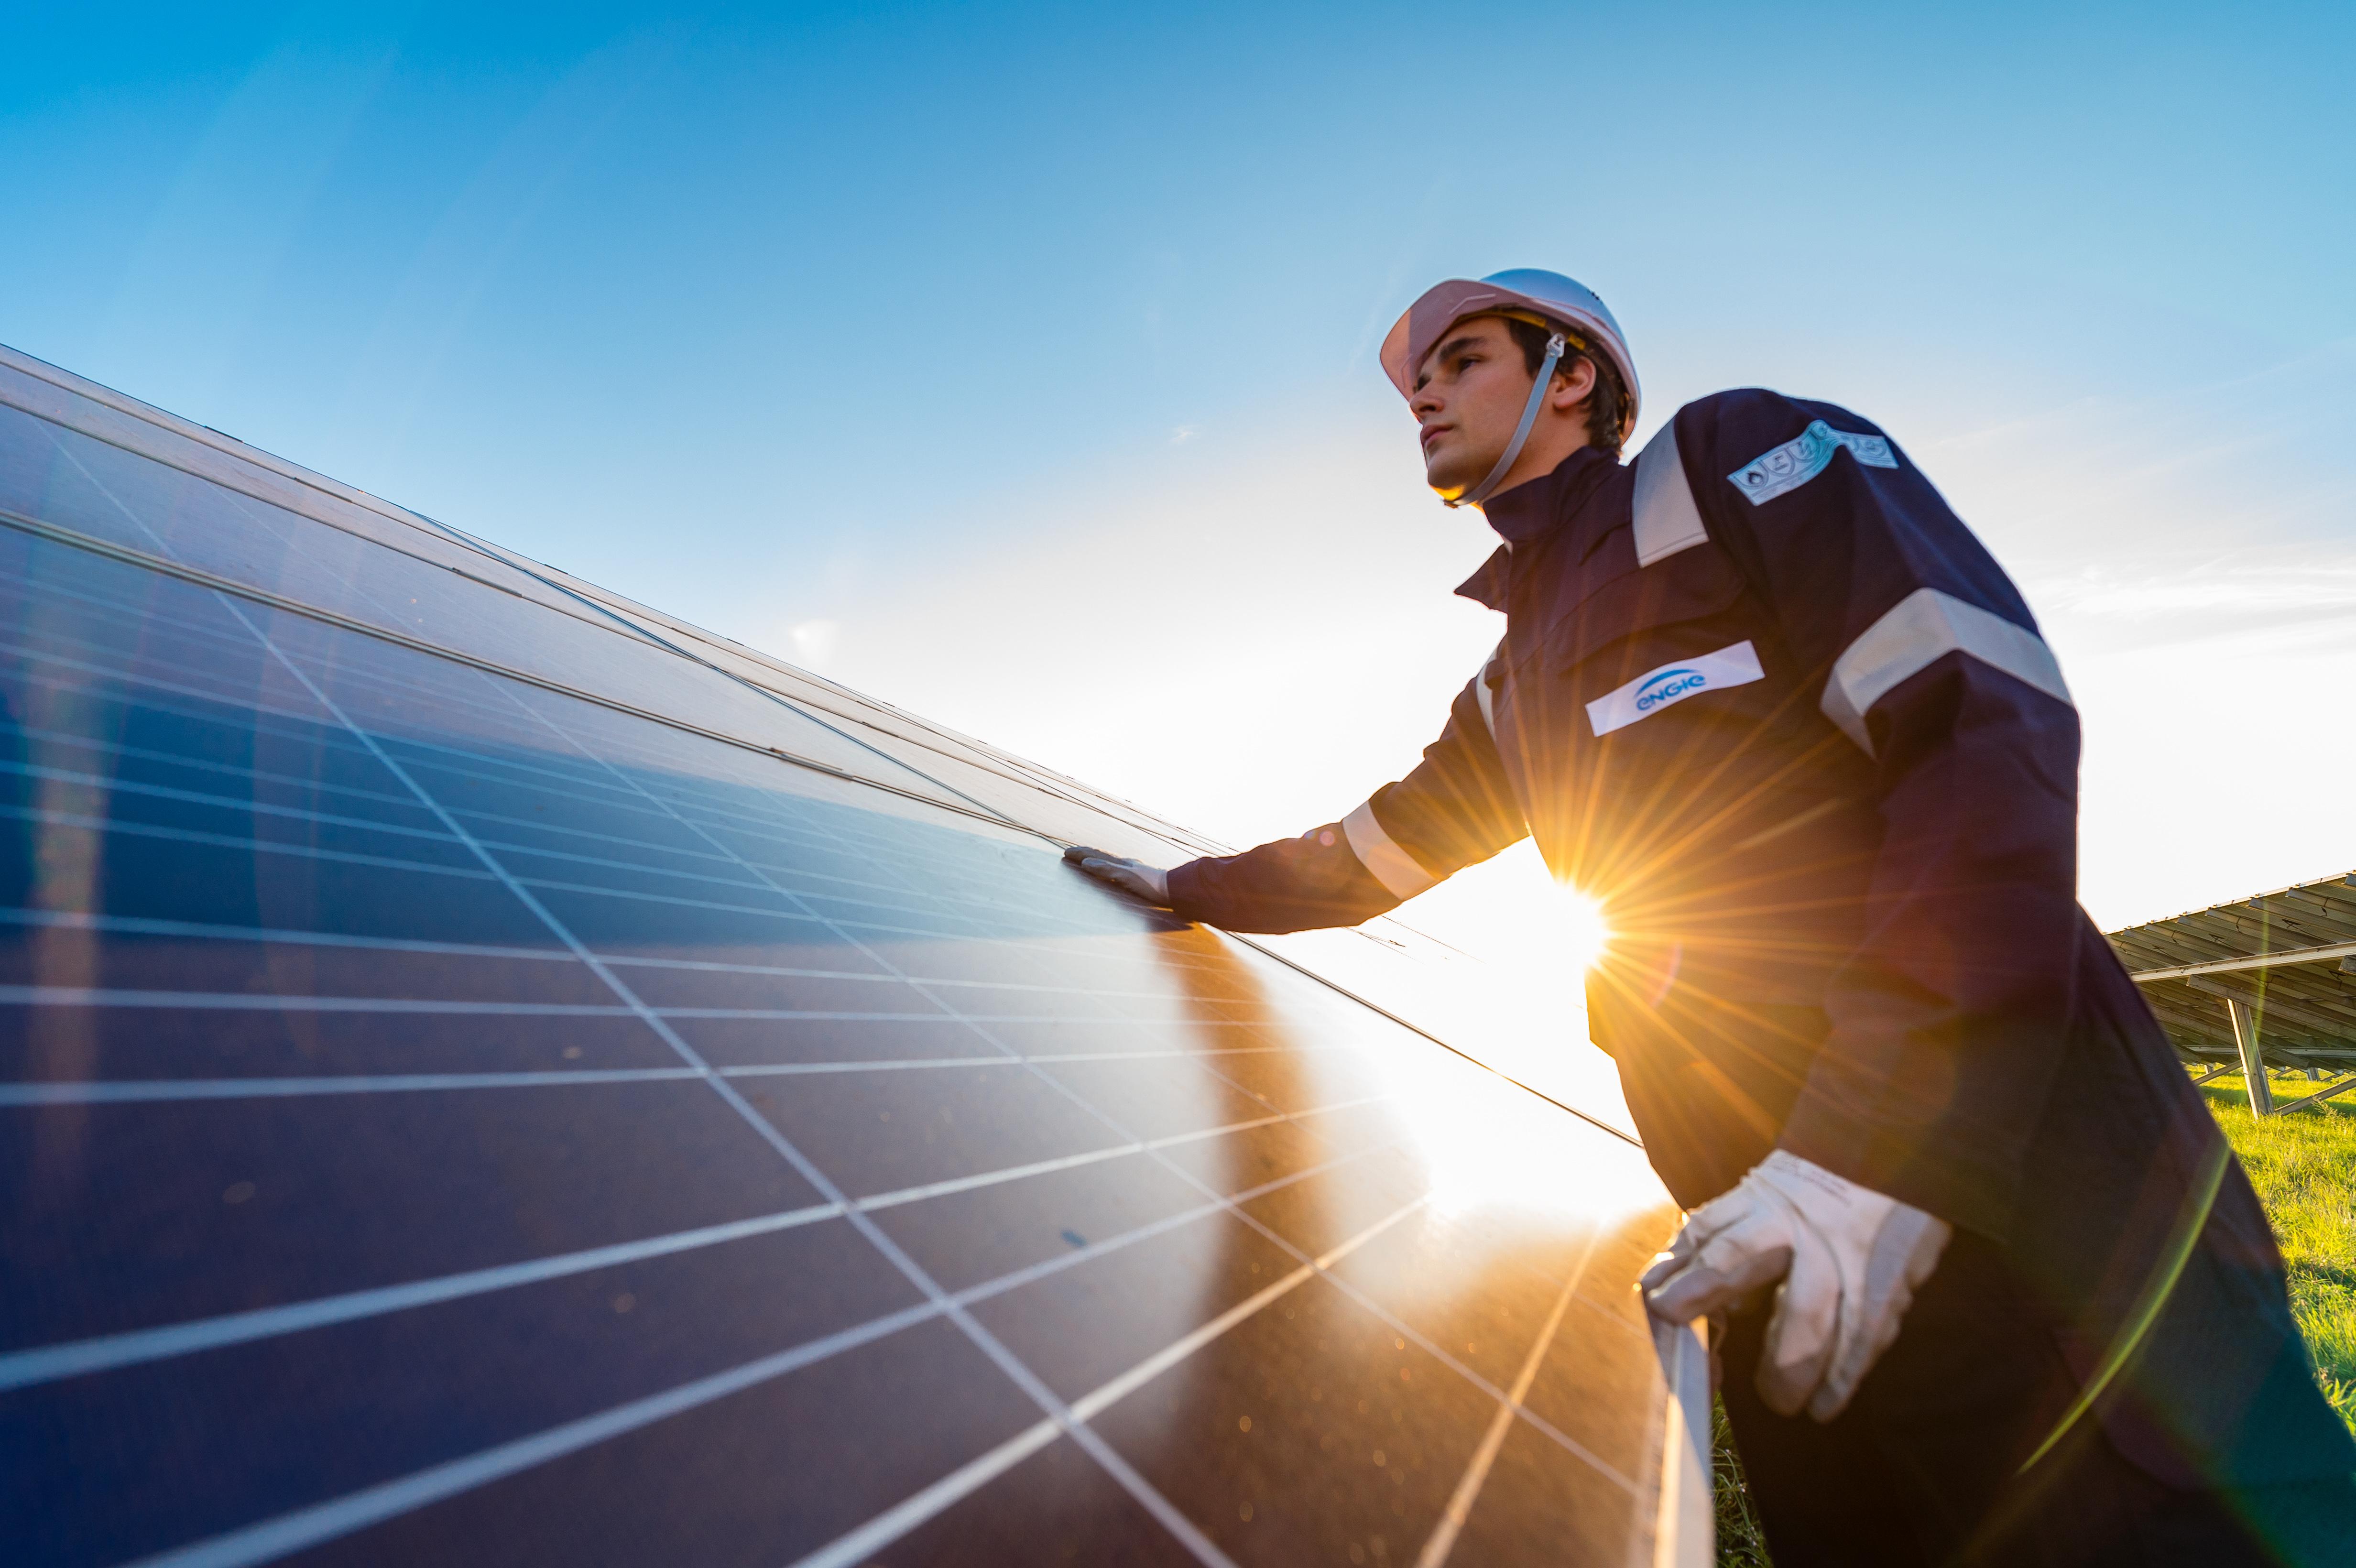 Empresa de energia solar abre 500 vagas para representantes comerciais